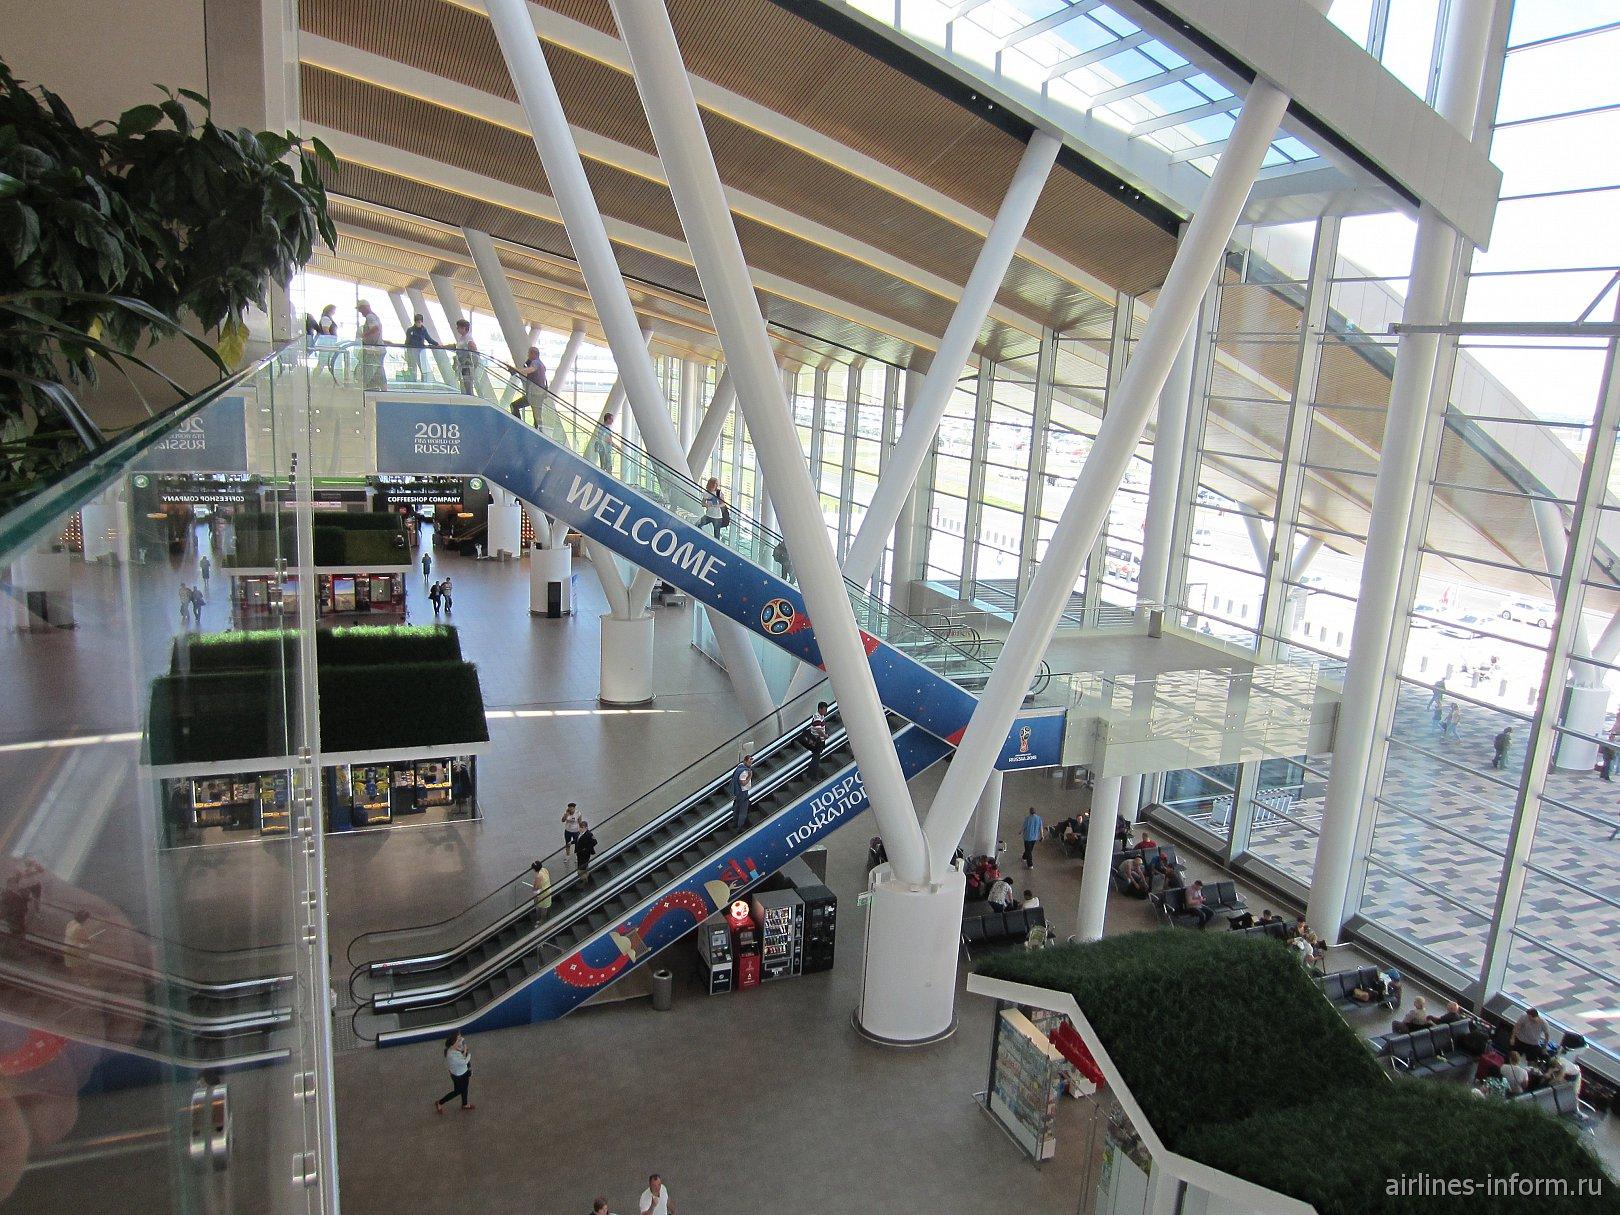 Вид с 3-го этажа пассажирского терминала аэропорта Ростов-на-Дону Платов